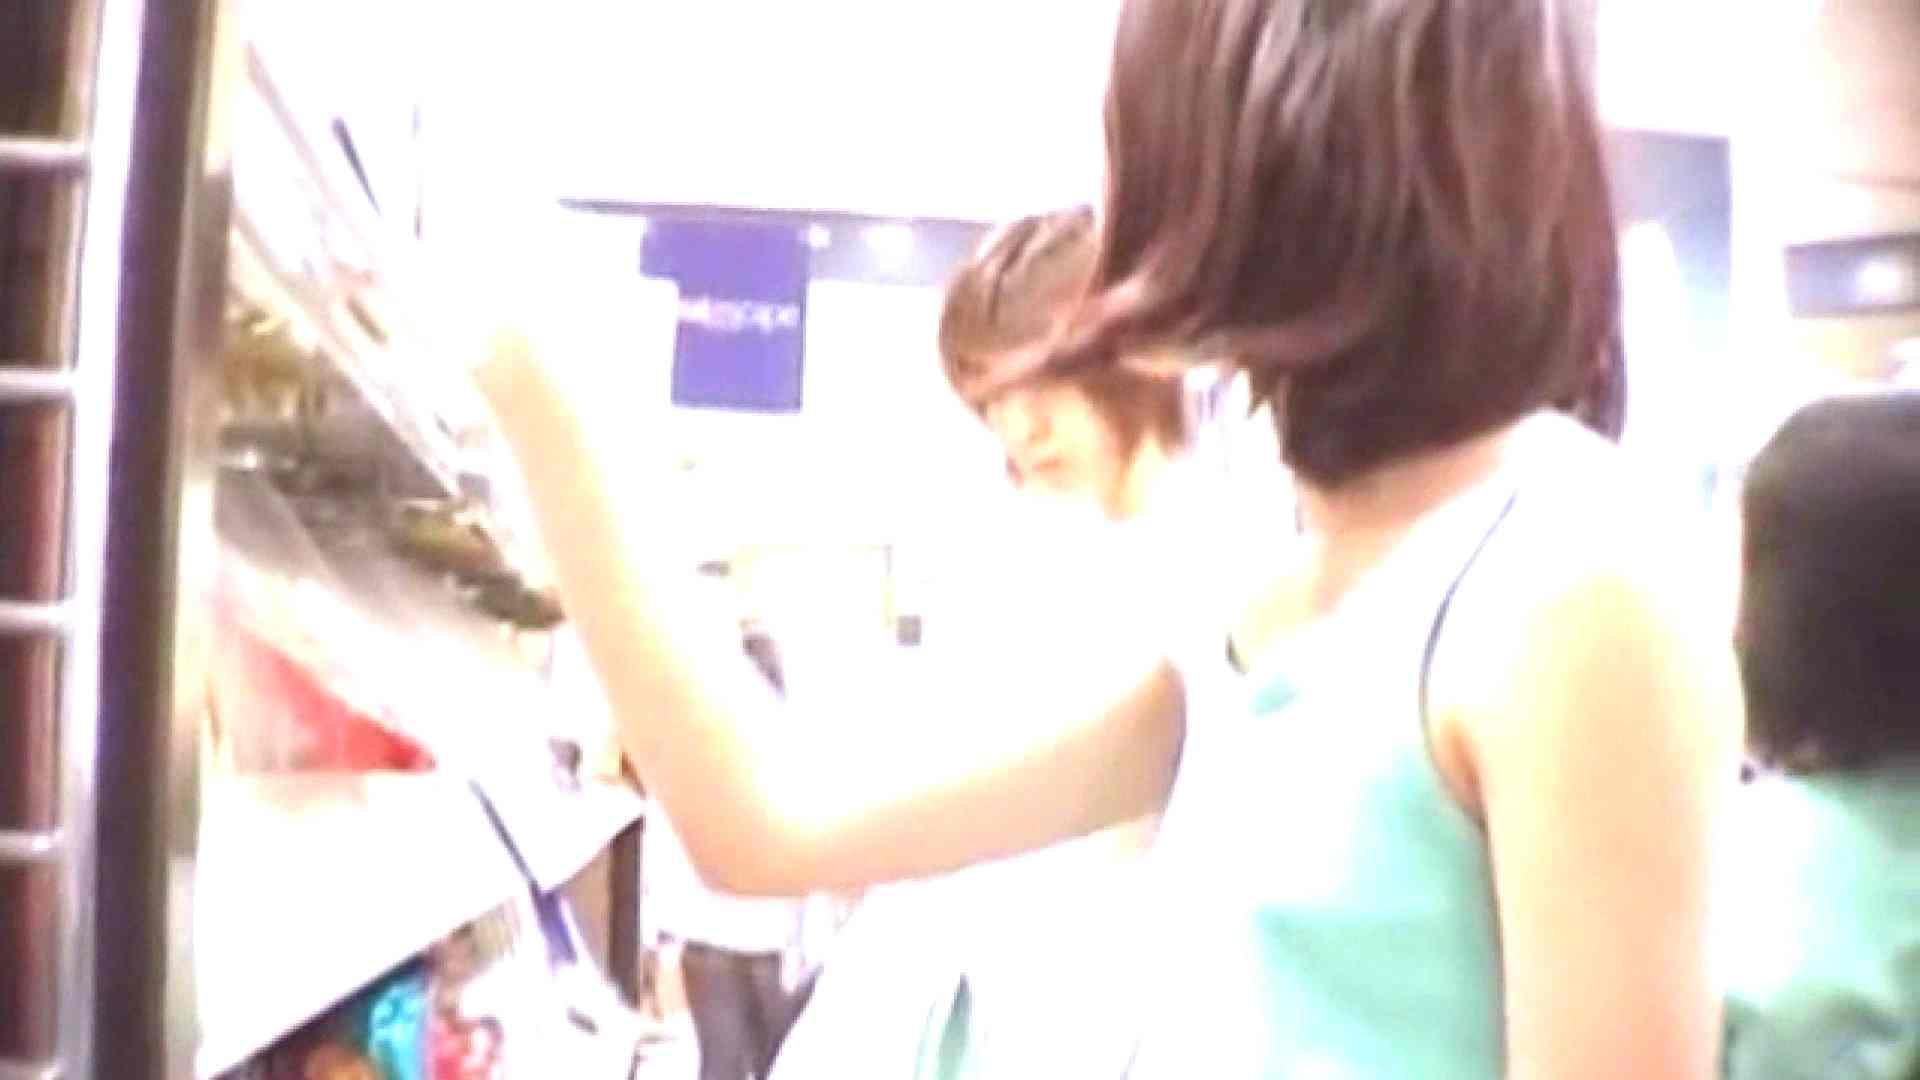 真剣に買い物中のgal達を上から下から狙います。vol.02 フェチ オメコ動画キャプチャ 63pic 29